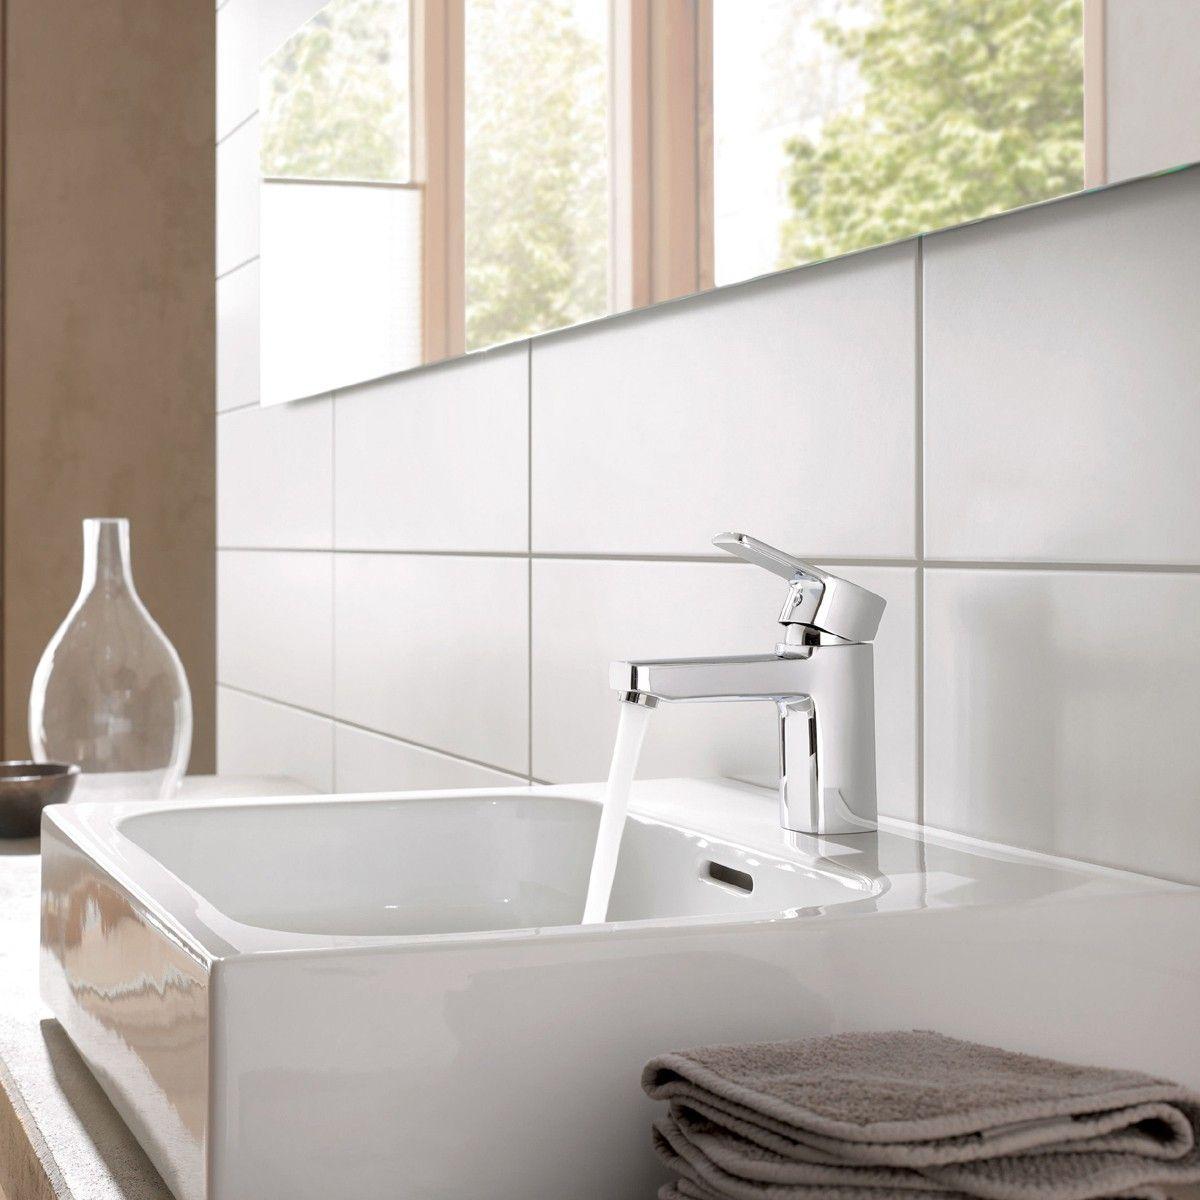 Flat Matt White Ceramic Wall Tiles White Bathroom Tiles Tile